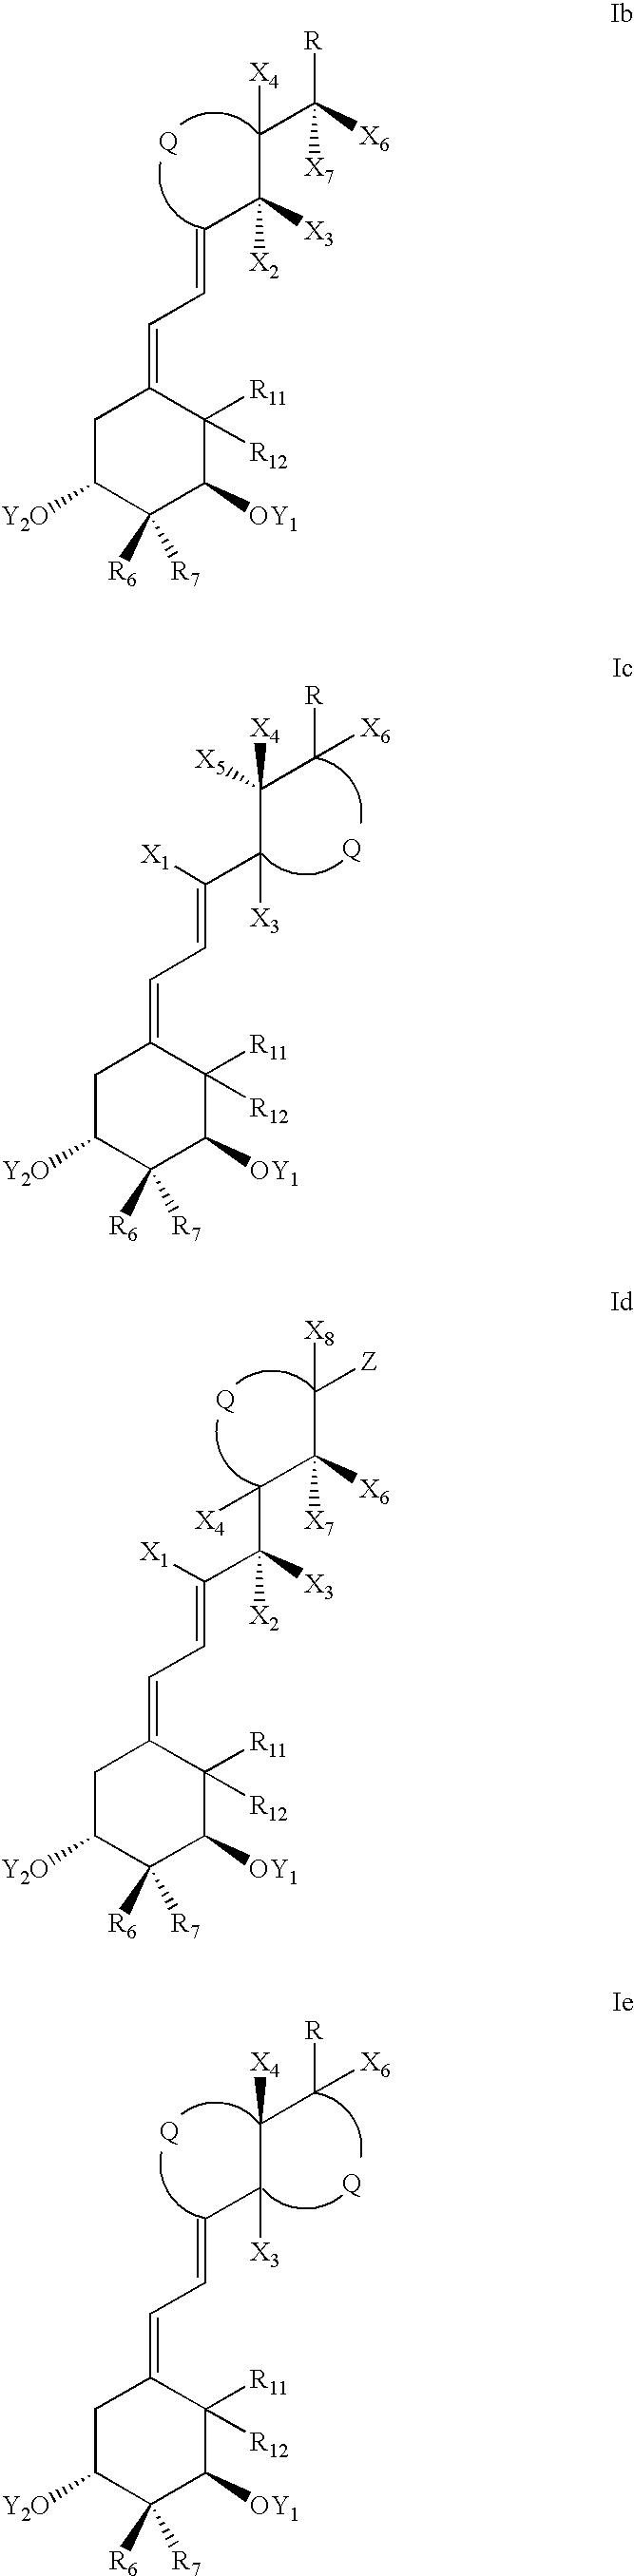 Figure US20030195175A1-20031016-C00010